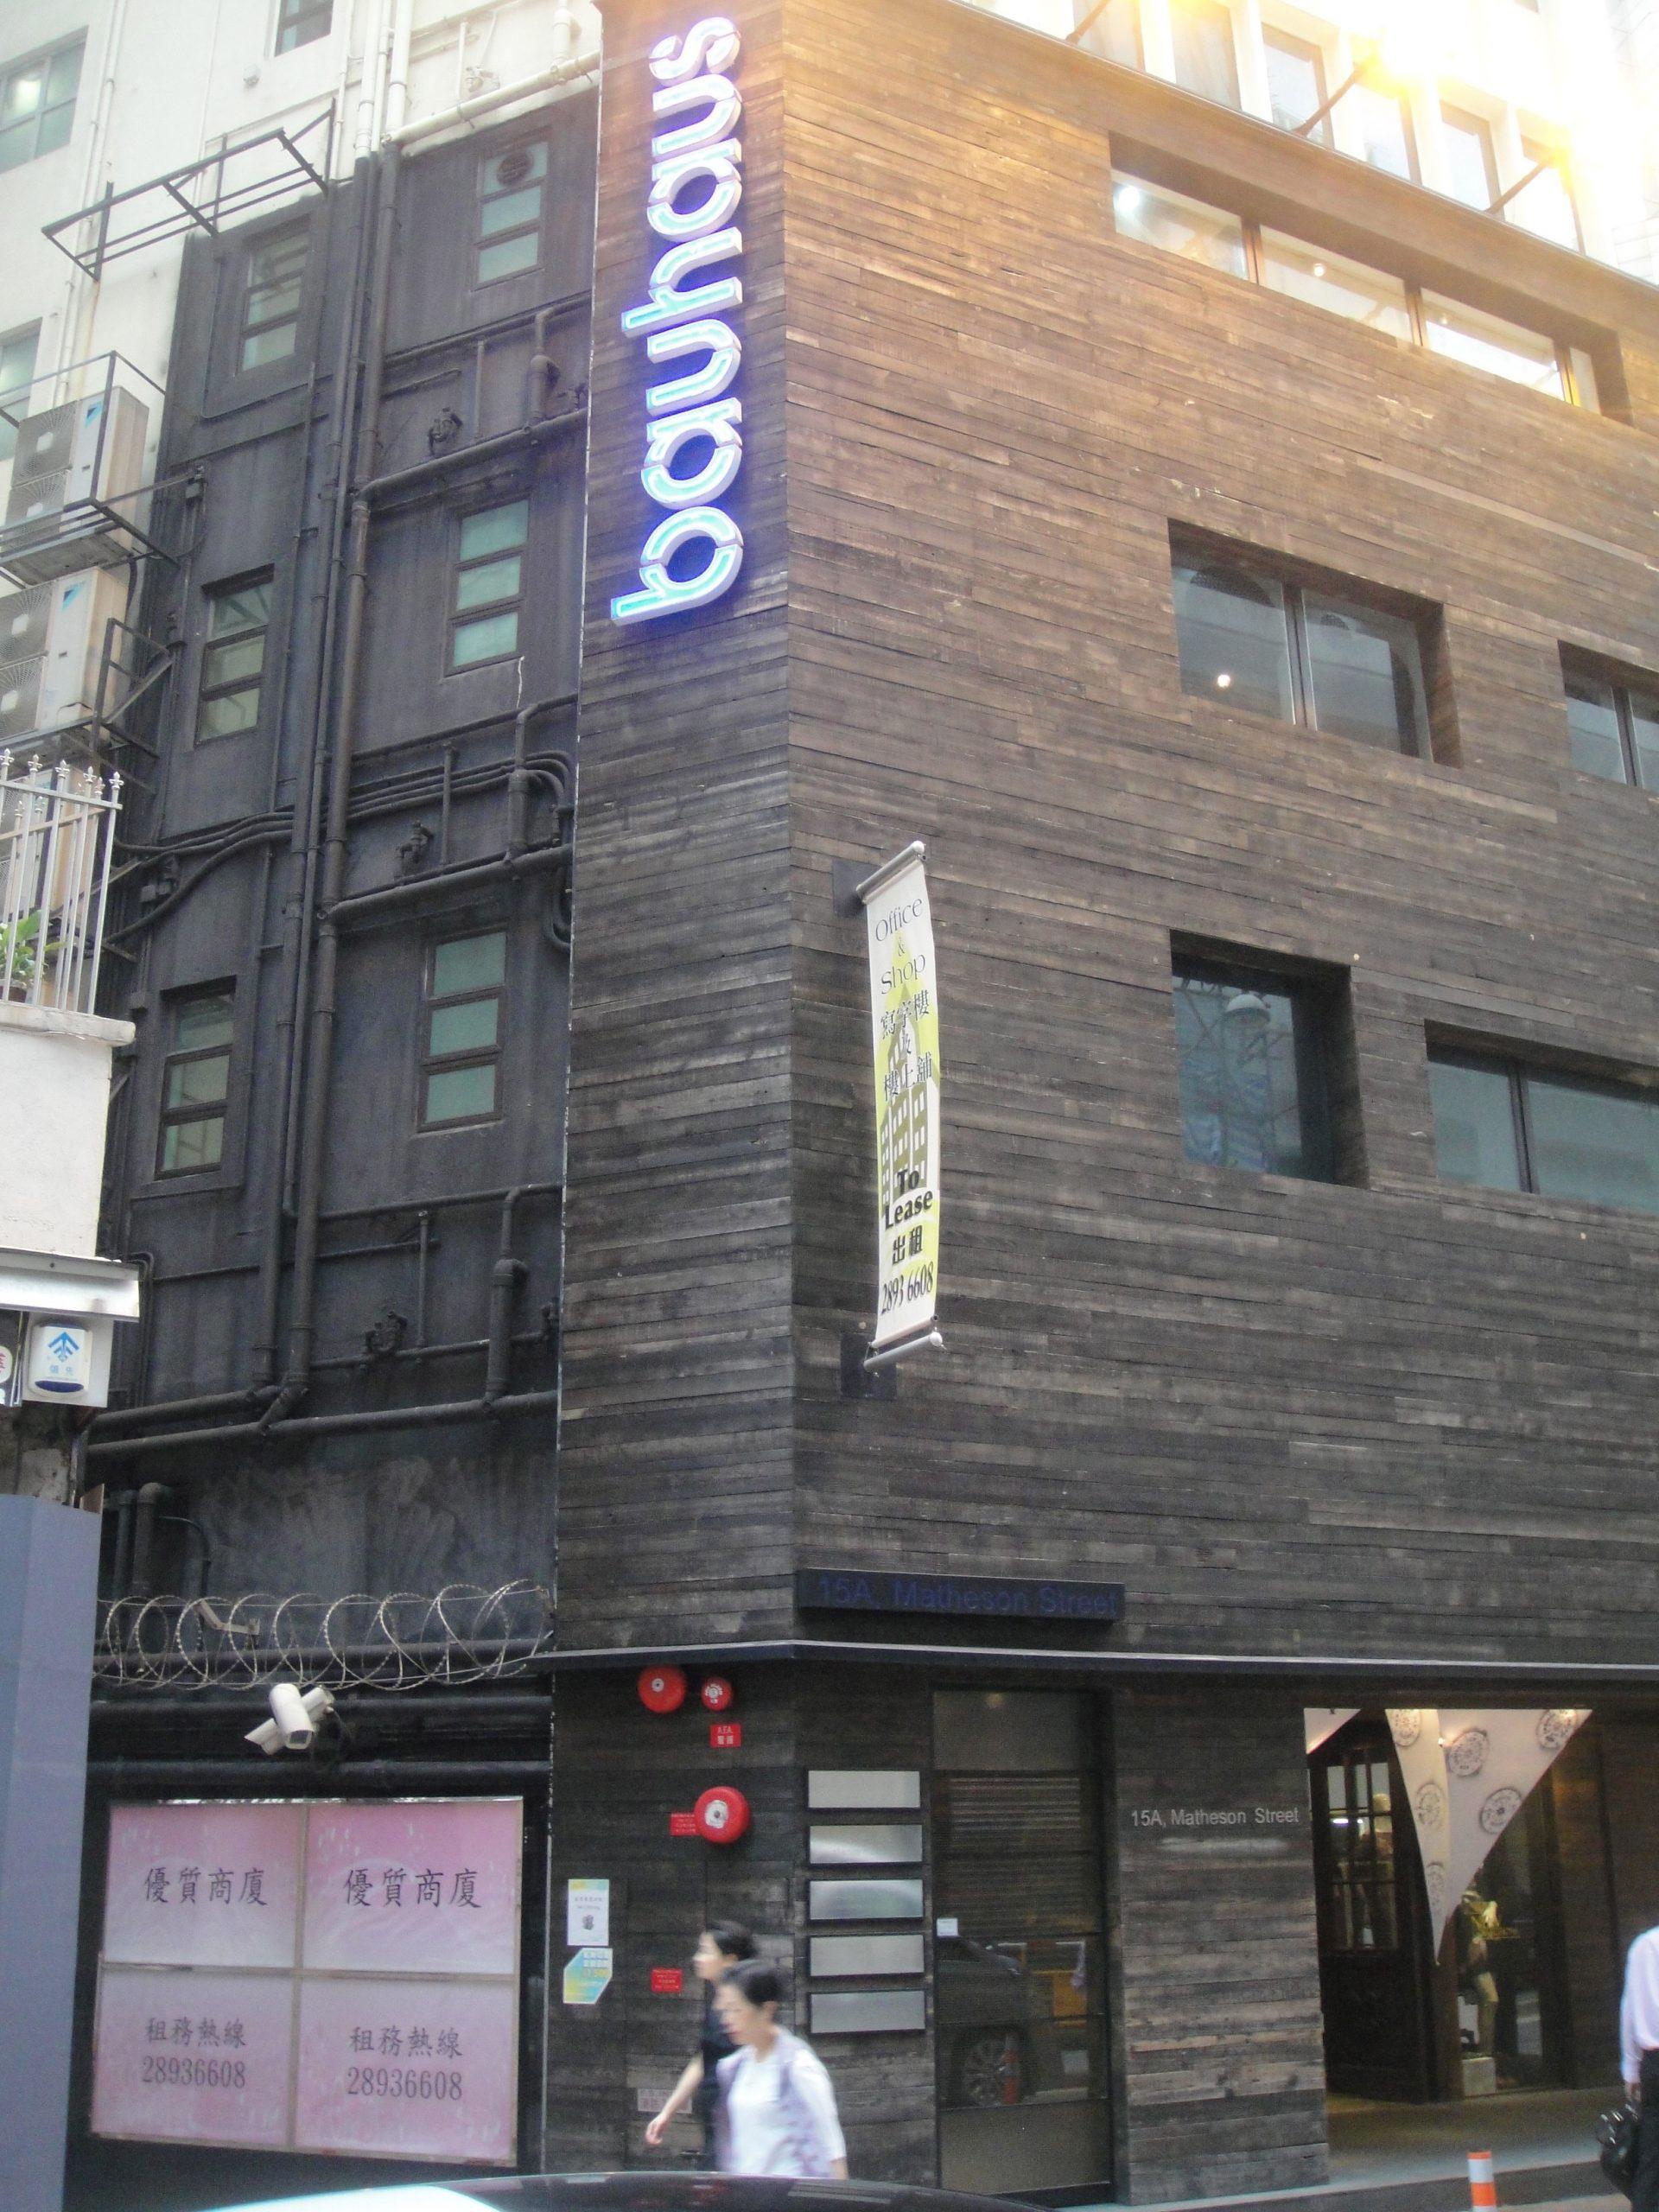 Bauhaus HK